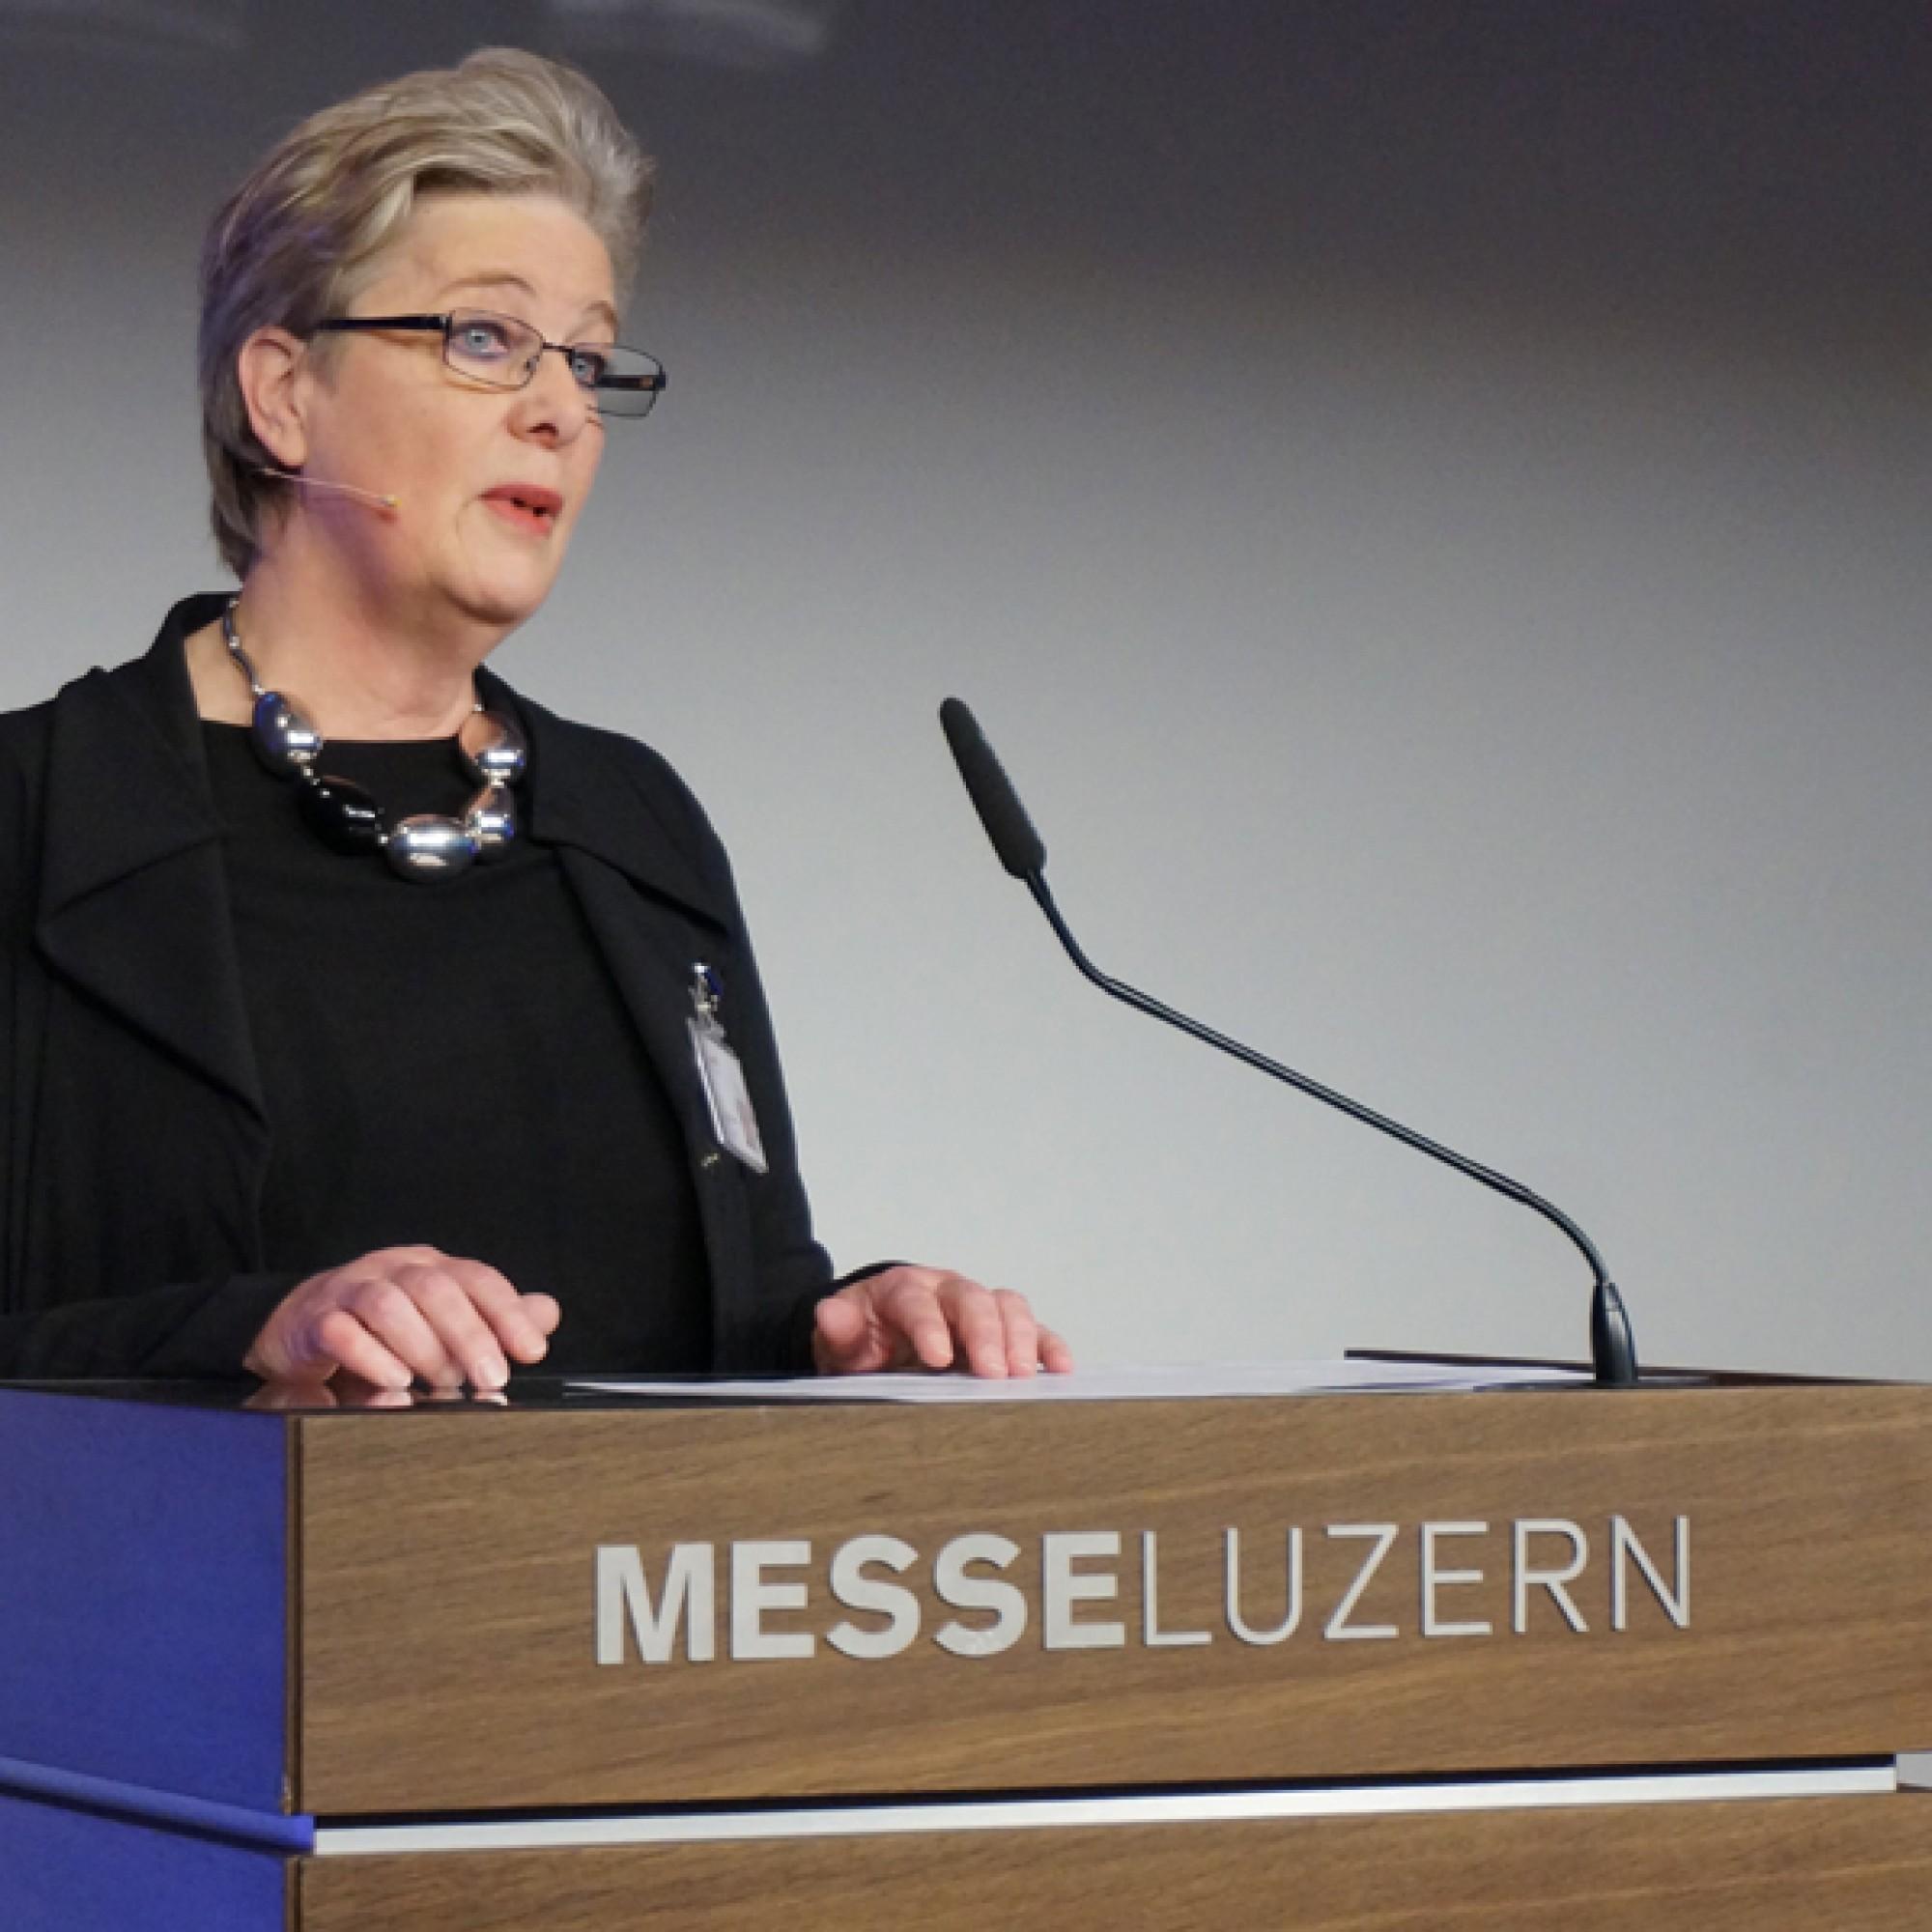 Ursula Gerber, Messeleiterin appli-tech bei der Messe Luzern AG. (Gabriel Diezi)